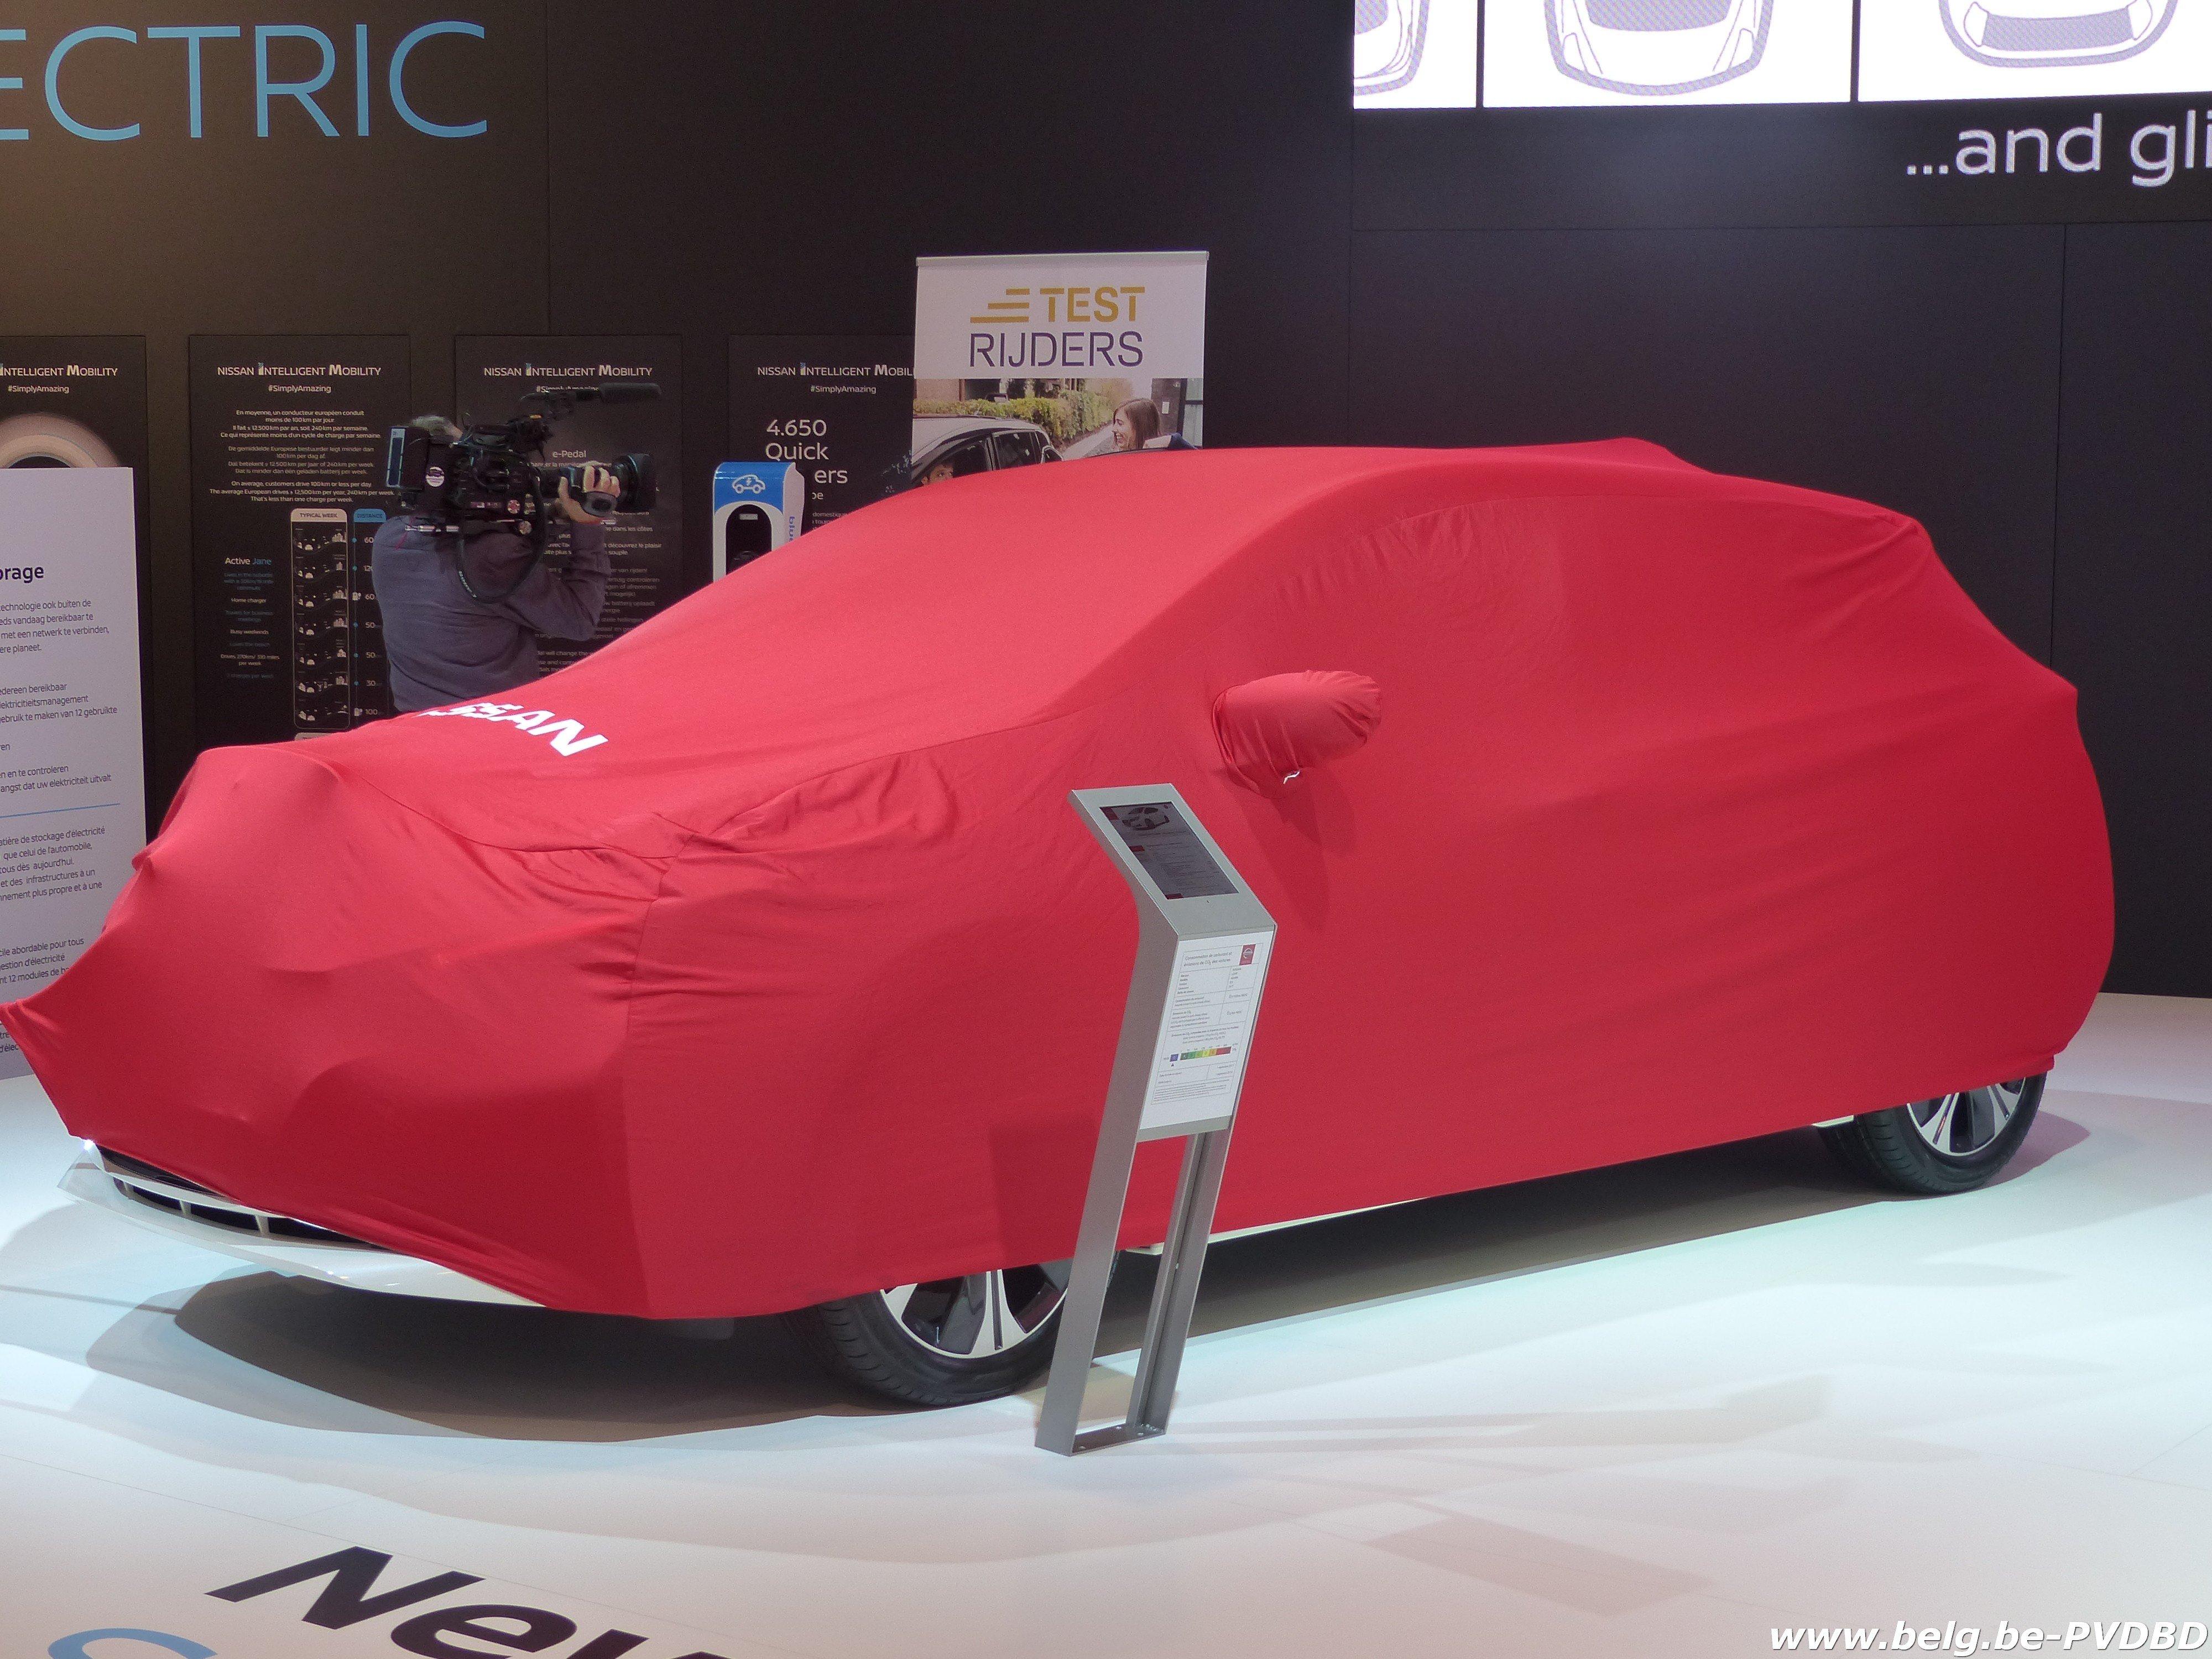 Brussel klaar voor 96e auto- en motorsalon - P1120002